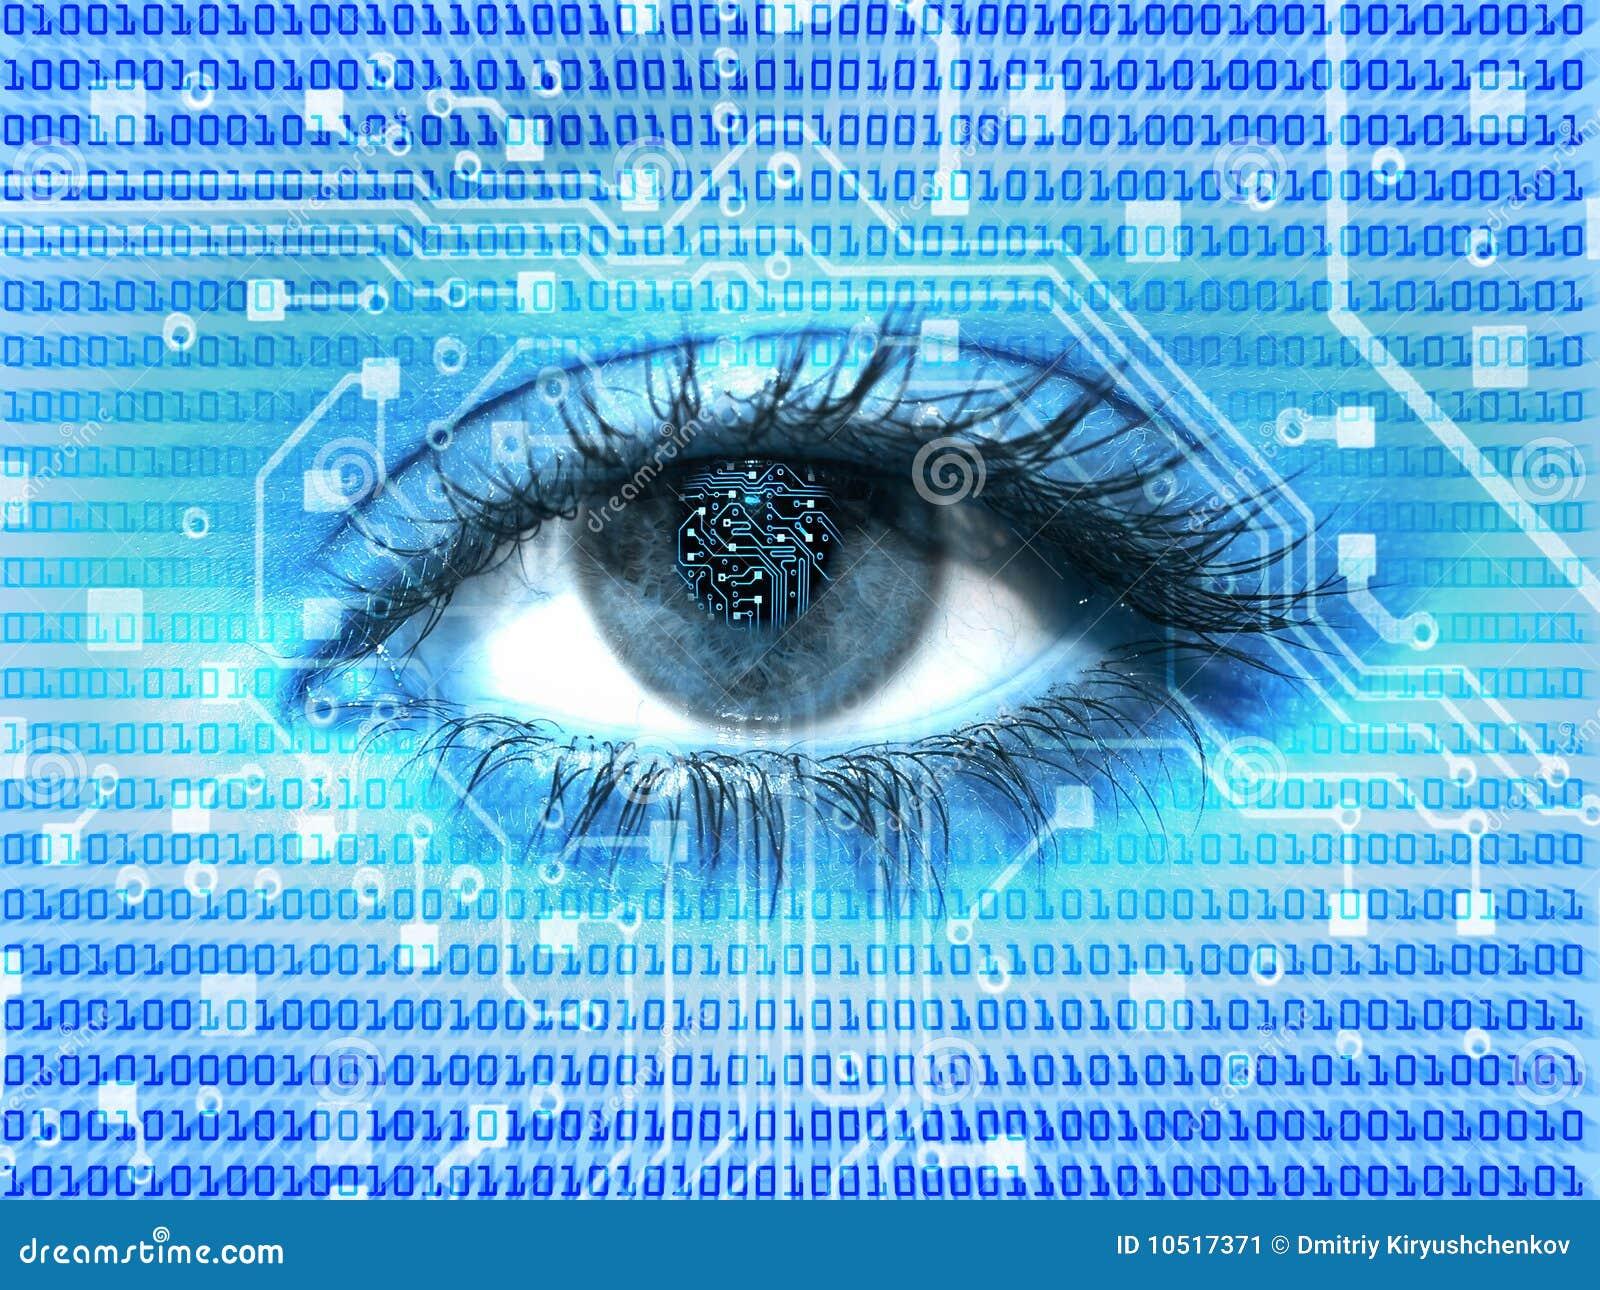 Веб-камеры теперь могут налаживать зрительный контакт